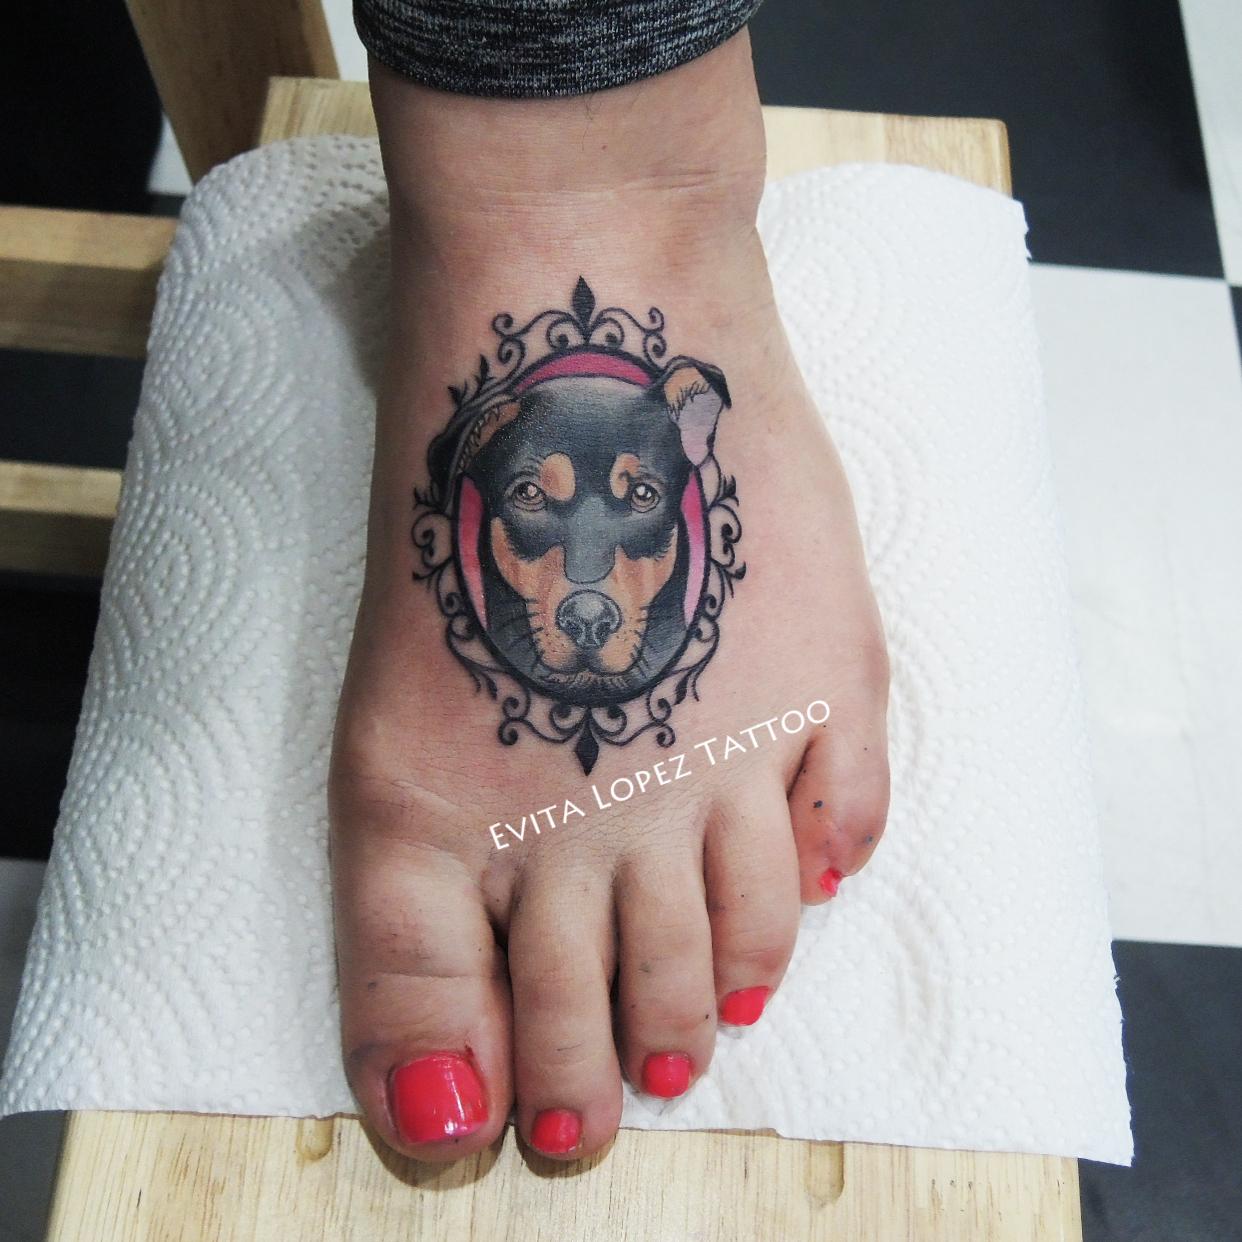 8c7a95 0225d5319a5448a3824b12d0b94e589e~mv2 d 1242 1242 s 2 - Neo Traditional Tattoo Dog